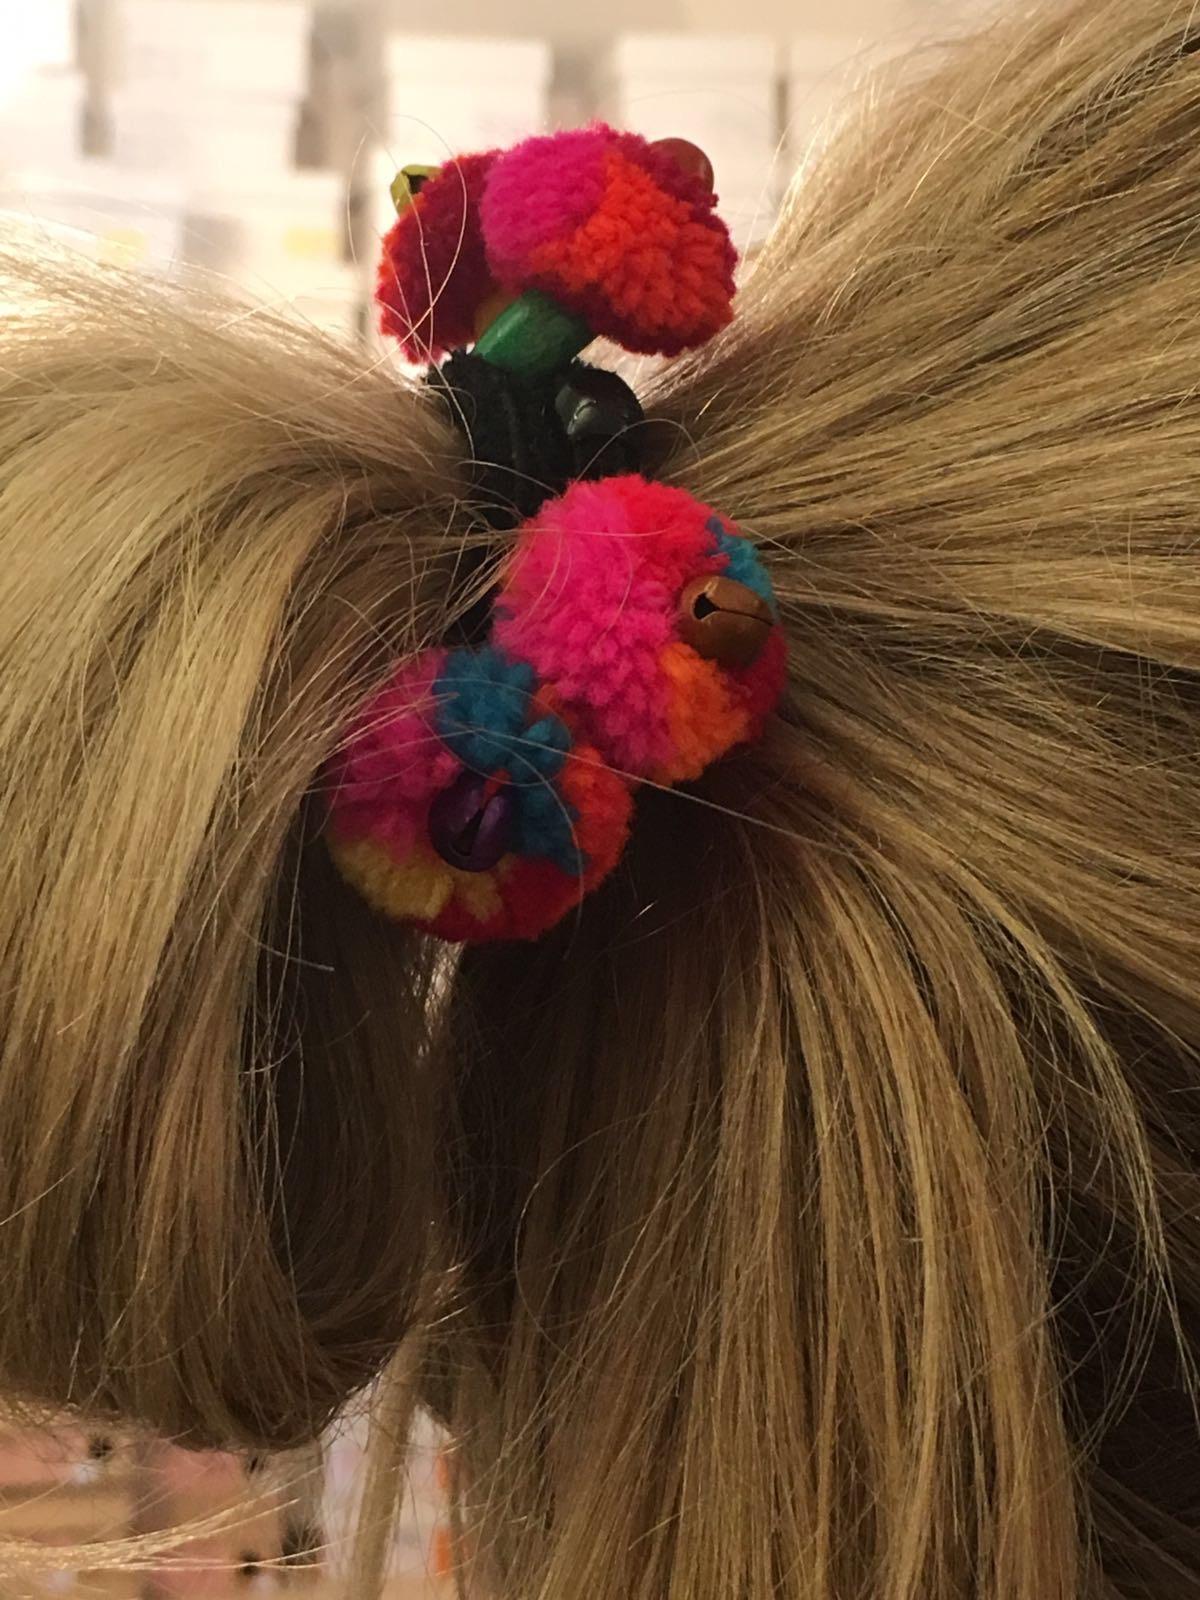 My Fitch, my-fitch.com, Haarband mit bunten Bömmeln,Haargummi mit Bömmel, Fashion-Blog, Lieblingsstil.com